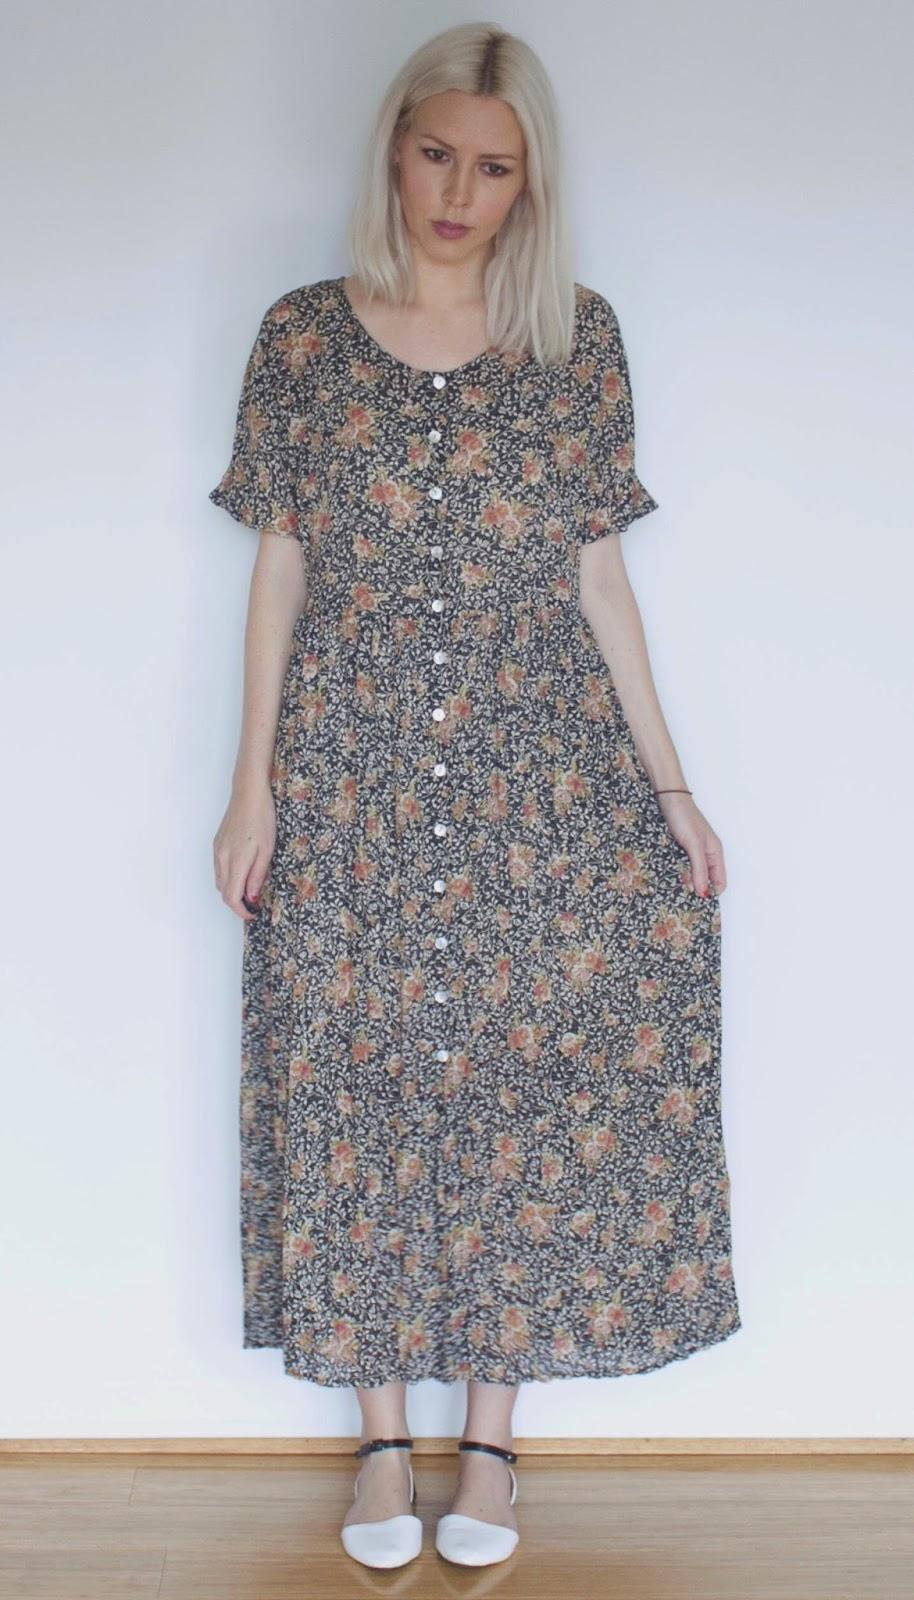 Vintage 1990s Floral Dress